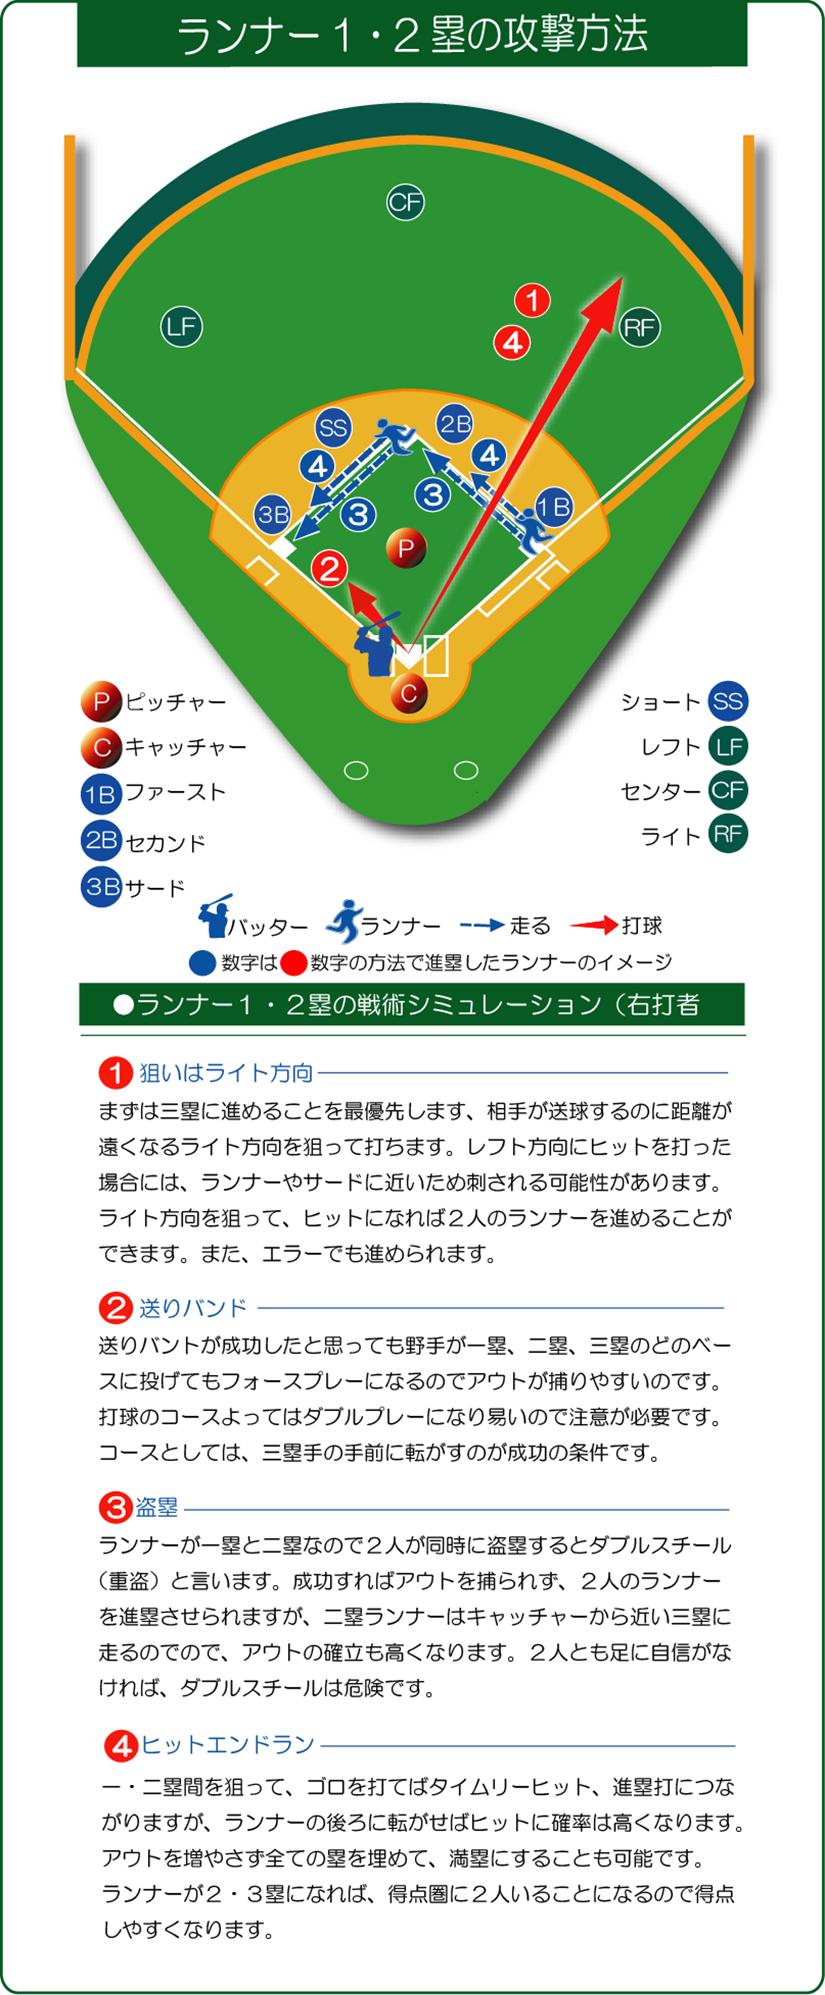 ランナー1・2塁の攻撃方法イラスト